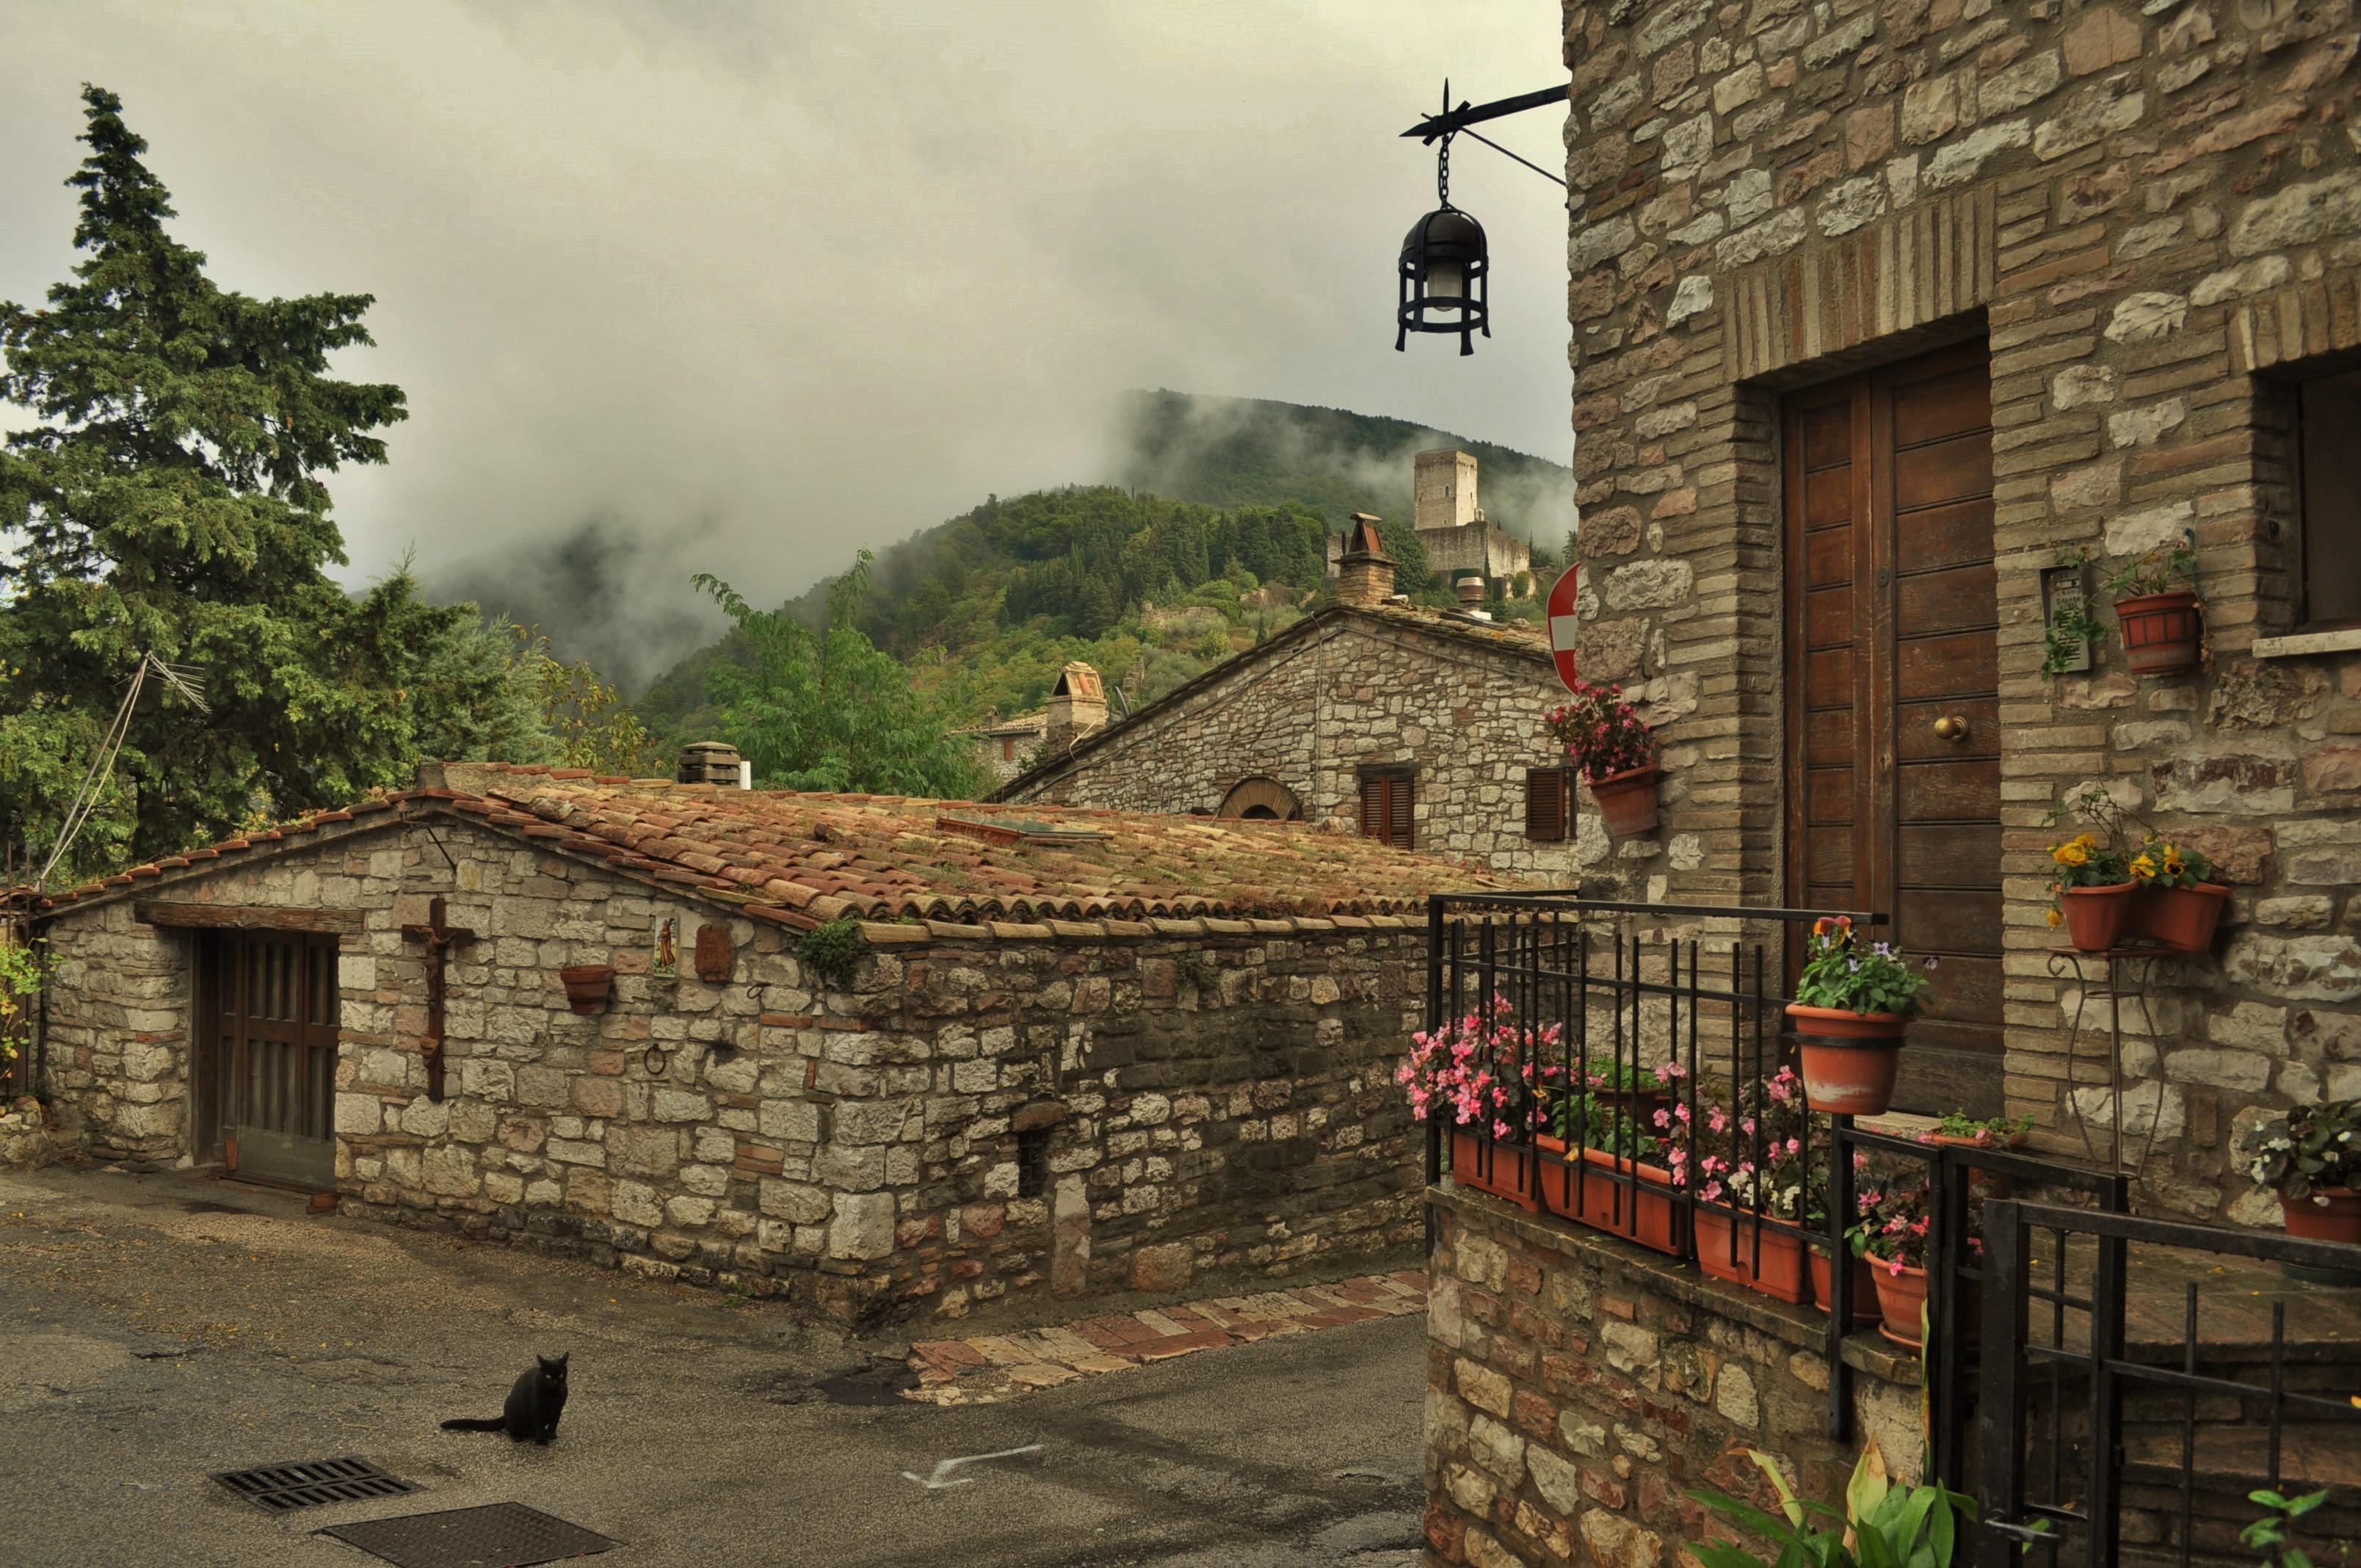 На пръв поглед Асизи не се отличаваше особено от останалите китни населени места, накацали по хълмовете на италианската провинция и увенчани с неотментата крепост или замък.